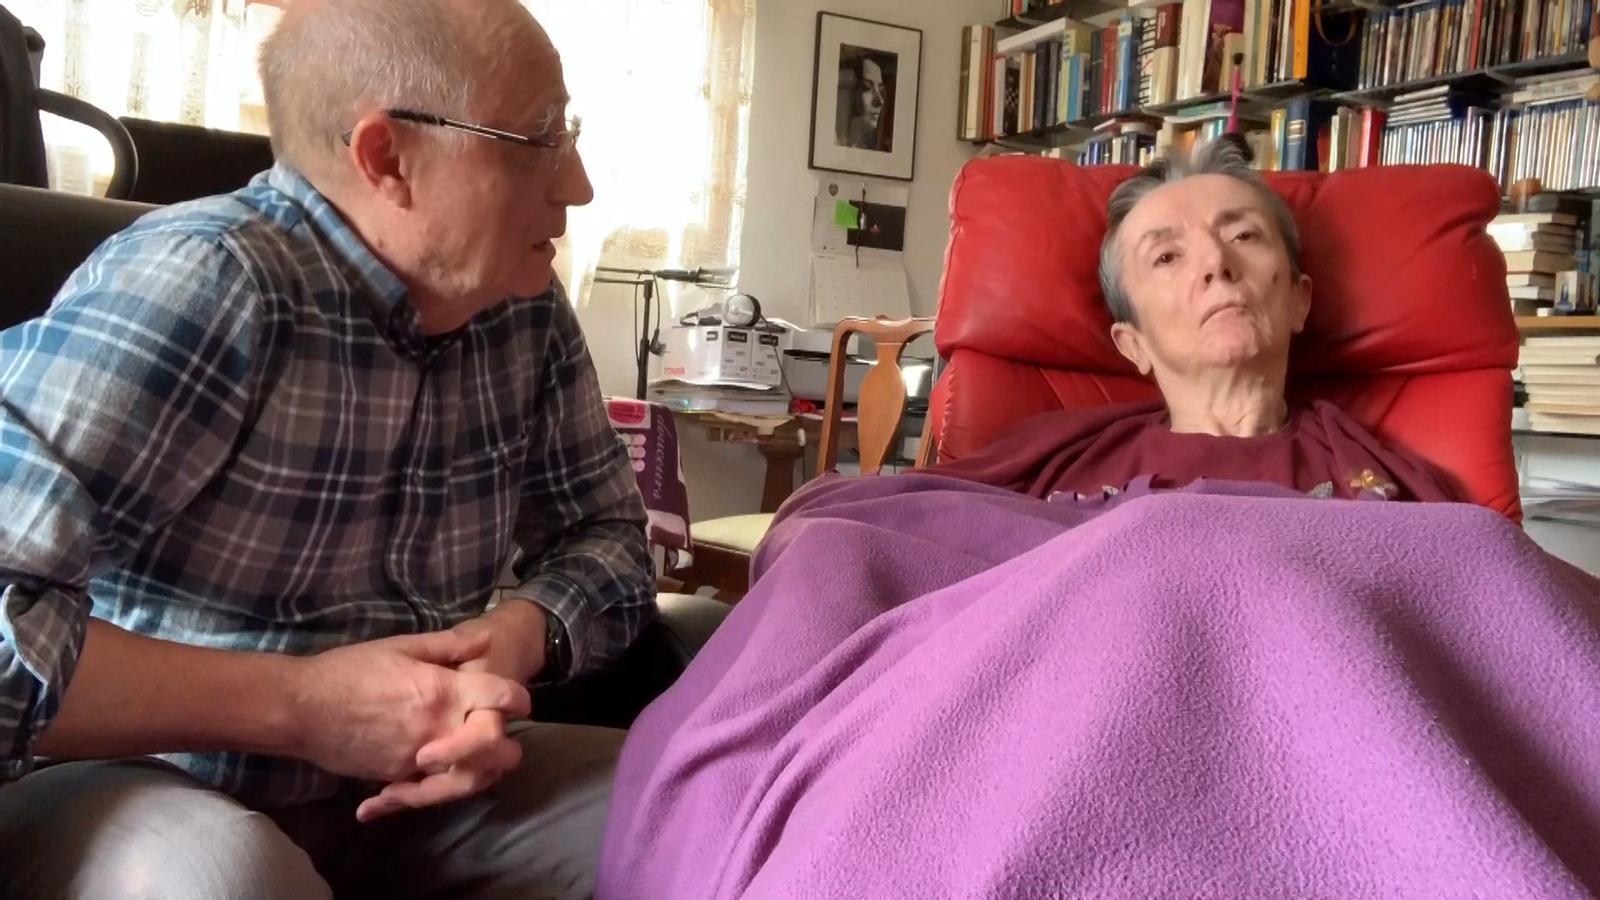 L'anàlisi d'Antoni Bassas: 'L'hora de despenalitzar l'eutanàsia'